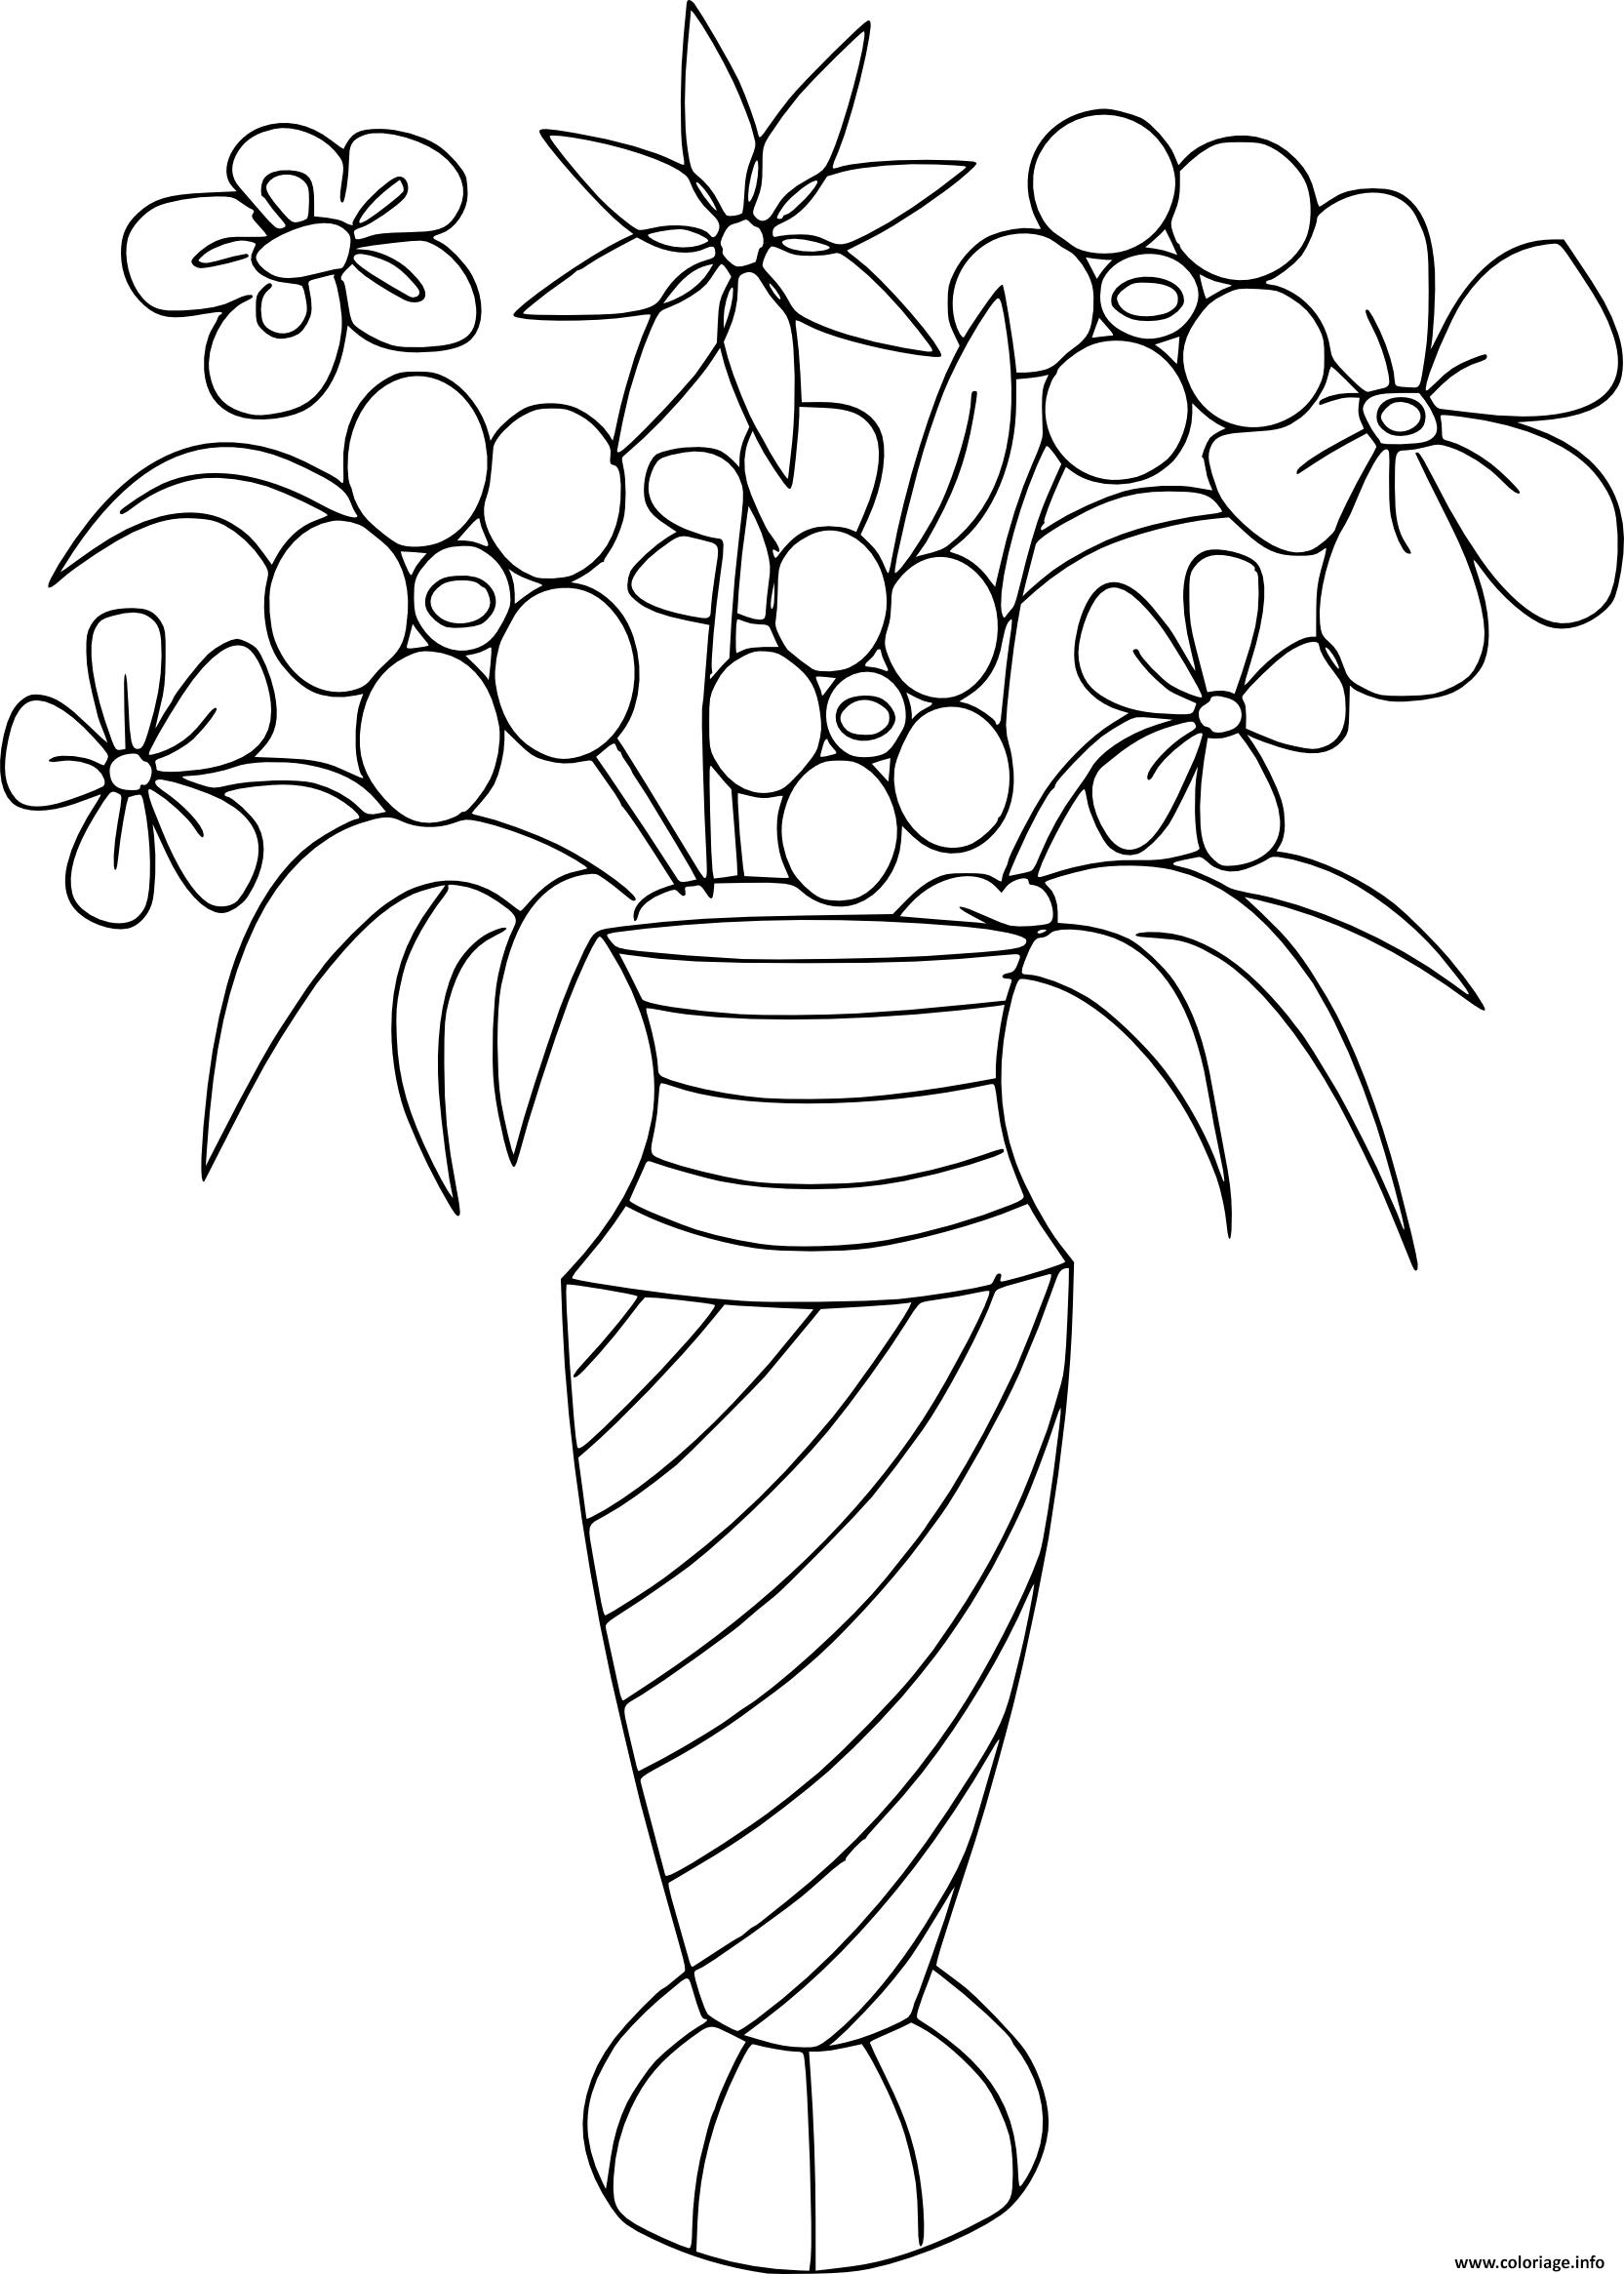 Coloriage Bouquet De Fleurs Dans Un Pot Dessin Fleurs A Imprimer